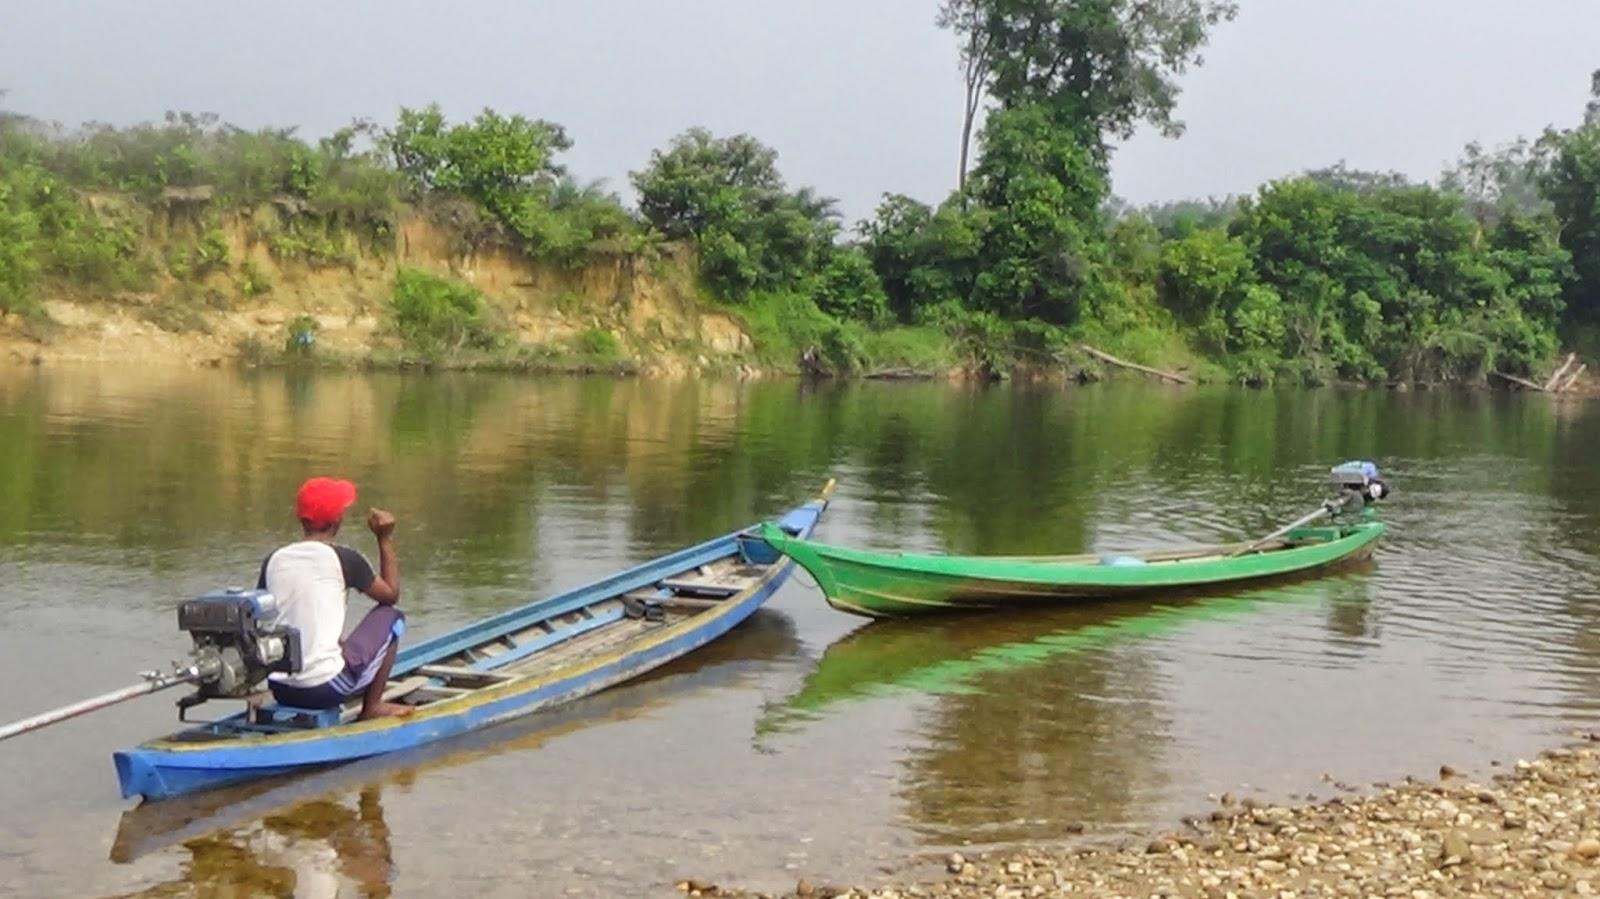 Manisnya Hidup di Tepi Sungai Sebayang, Riau